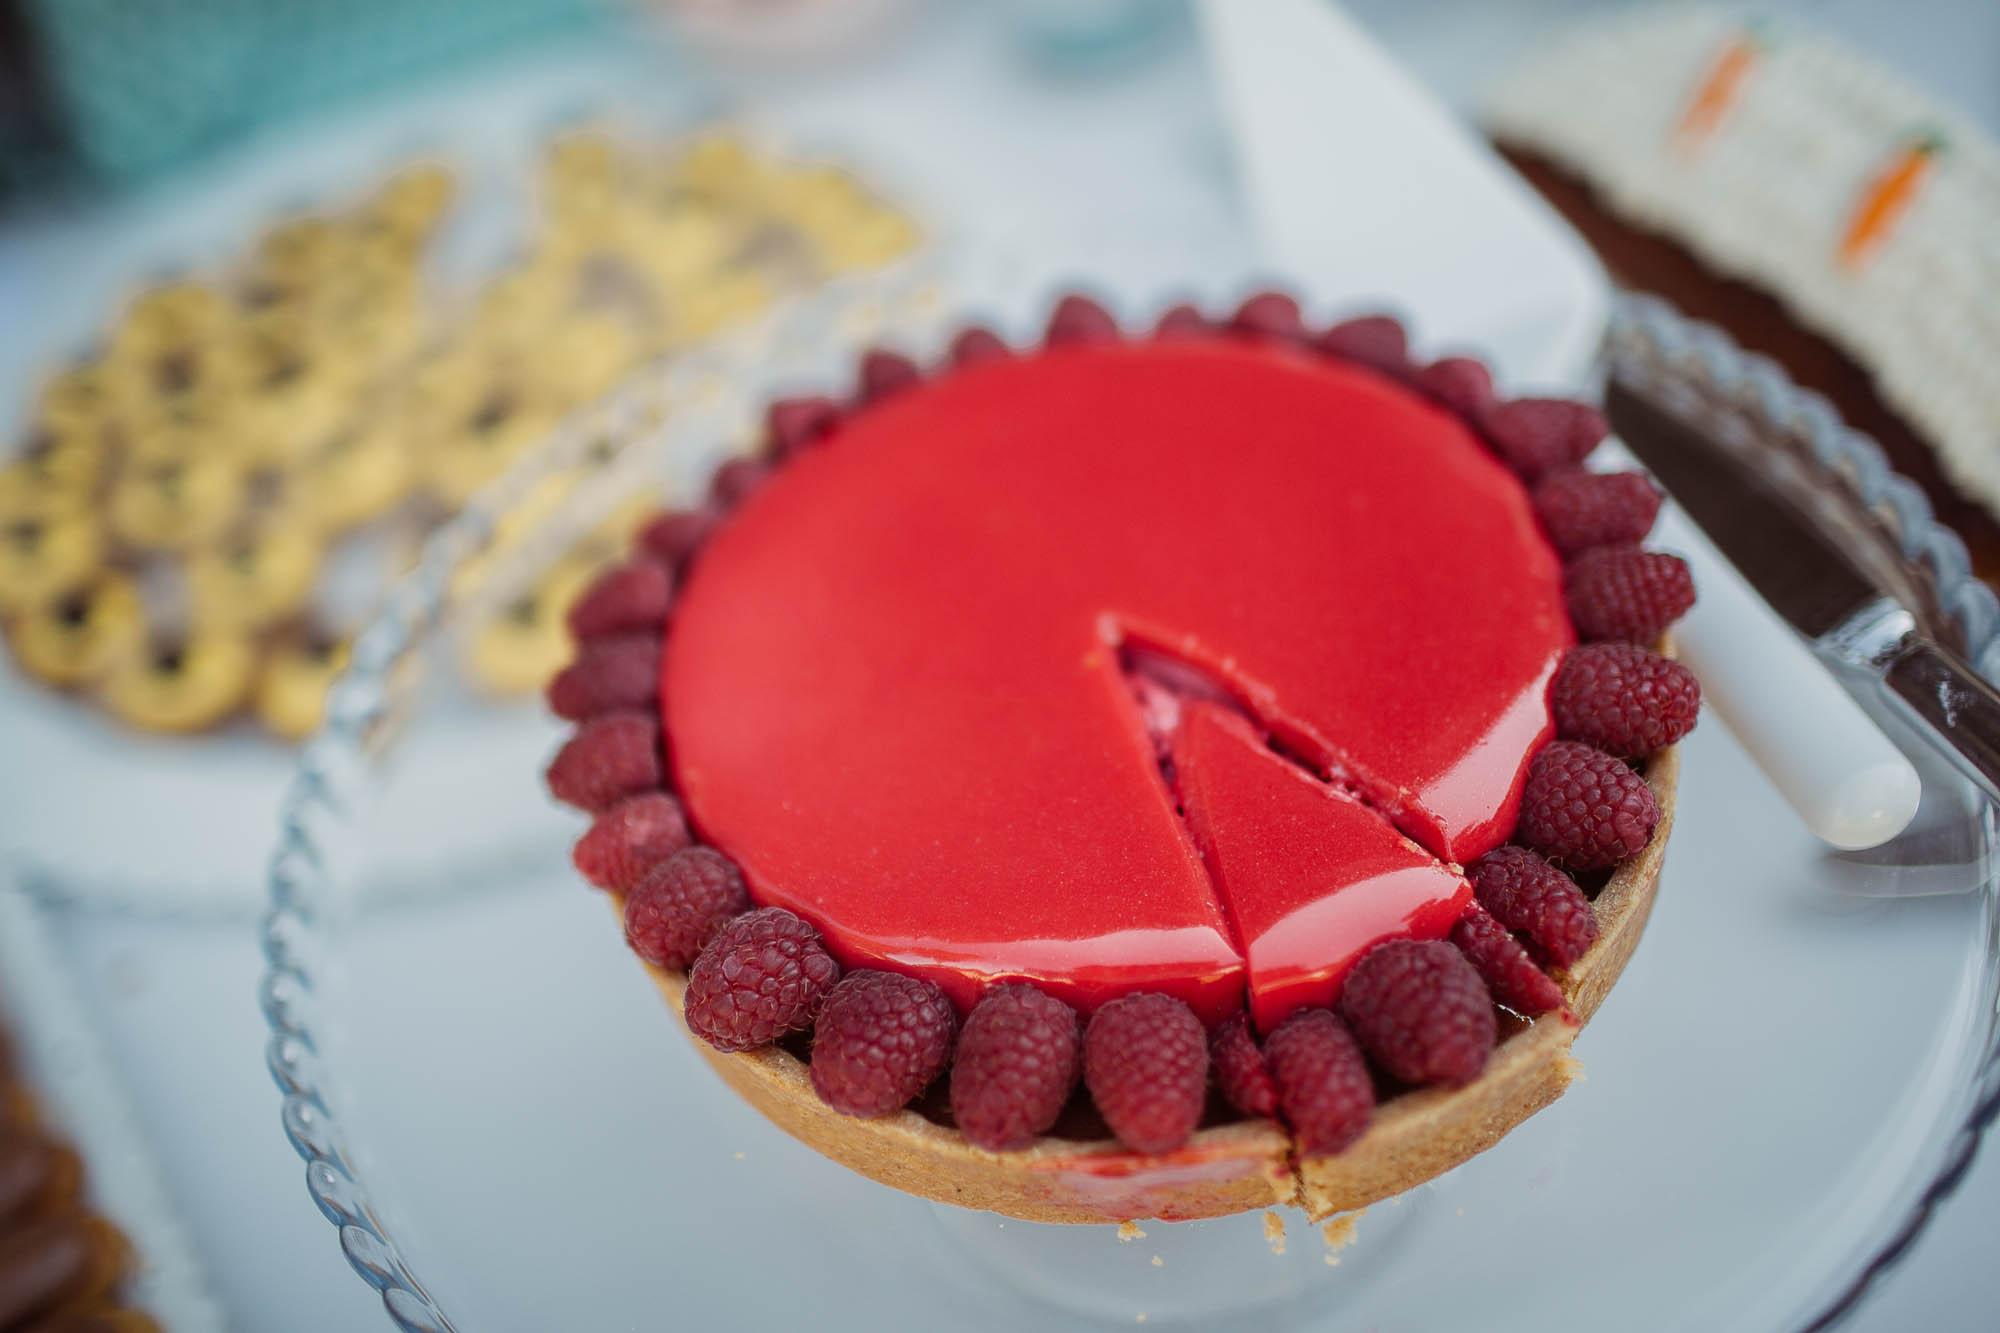 Detalle de una tarta de queso con fresas con un trozo cortado